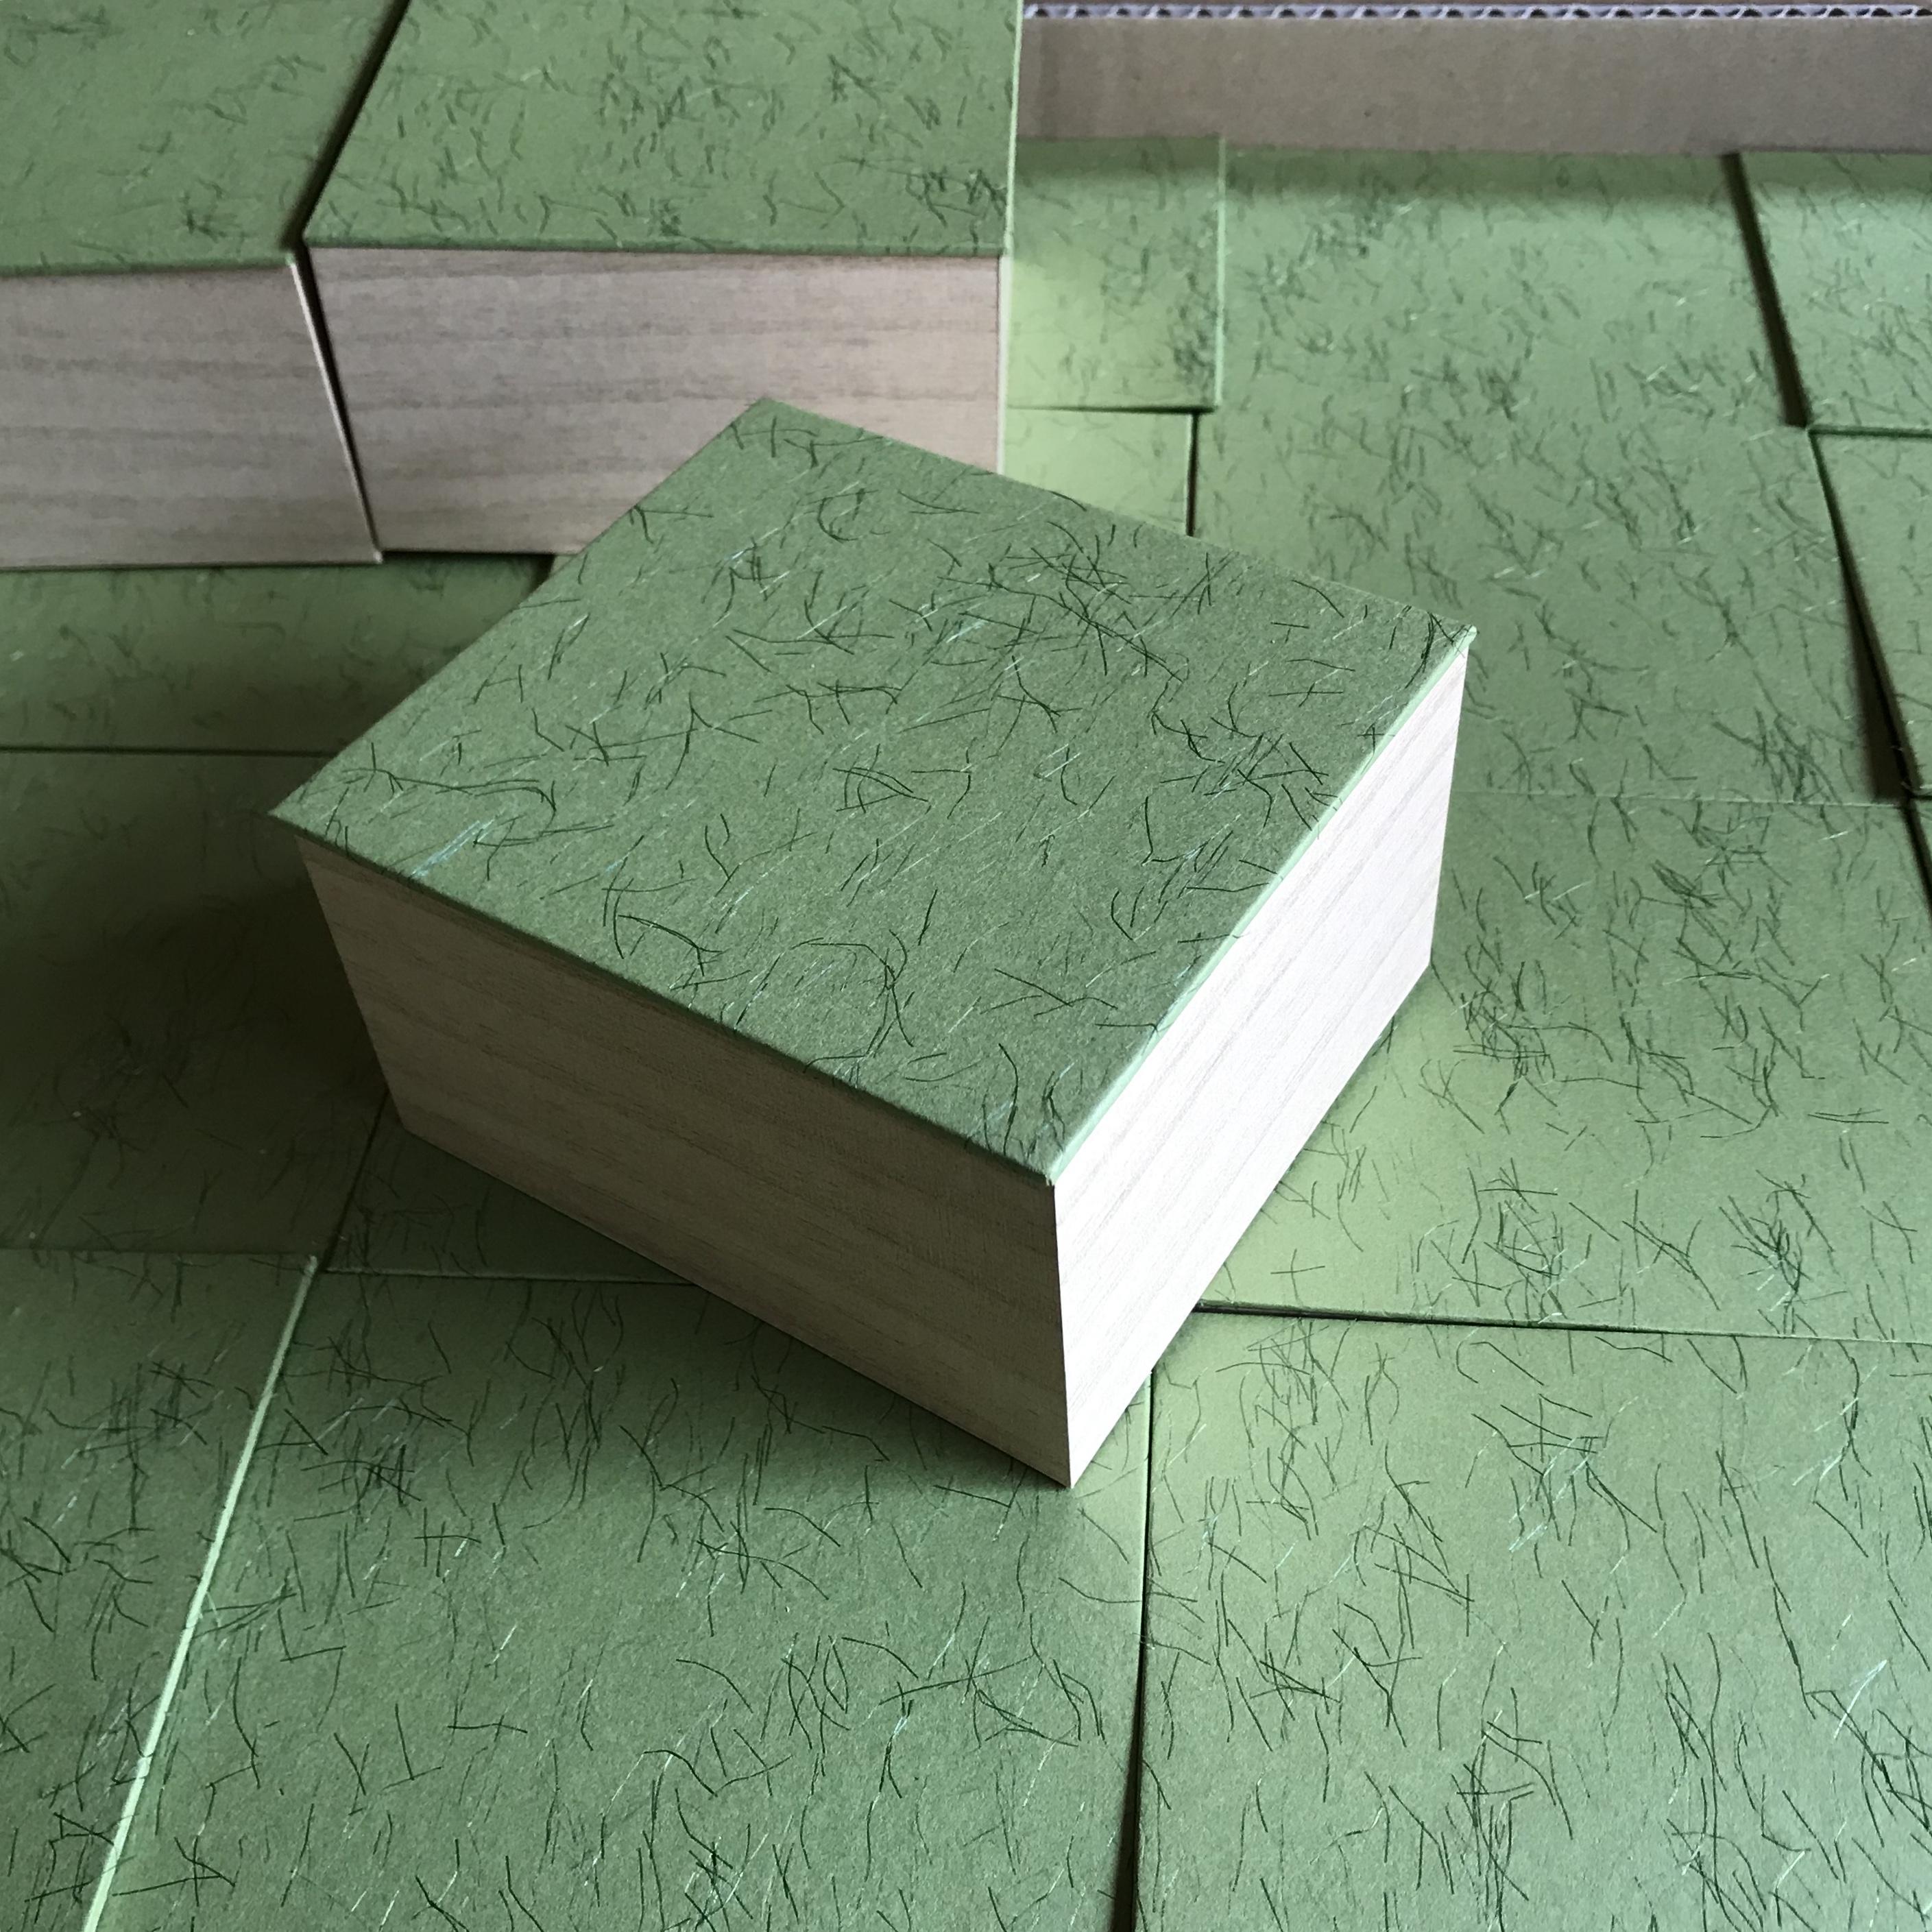 桐箱風紙箱のせ蓋式(芝生感溢れる感じ!)